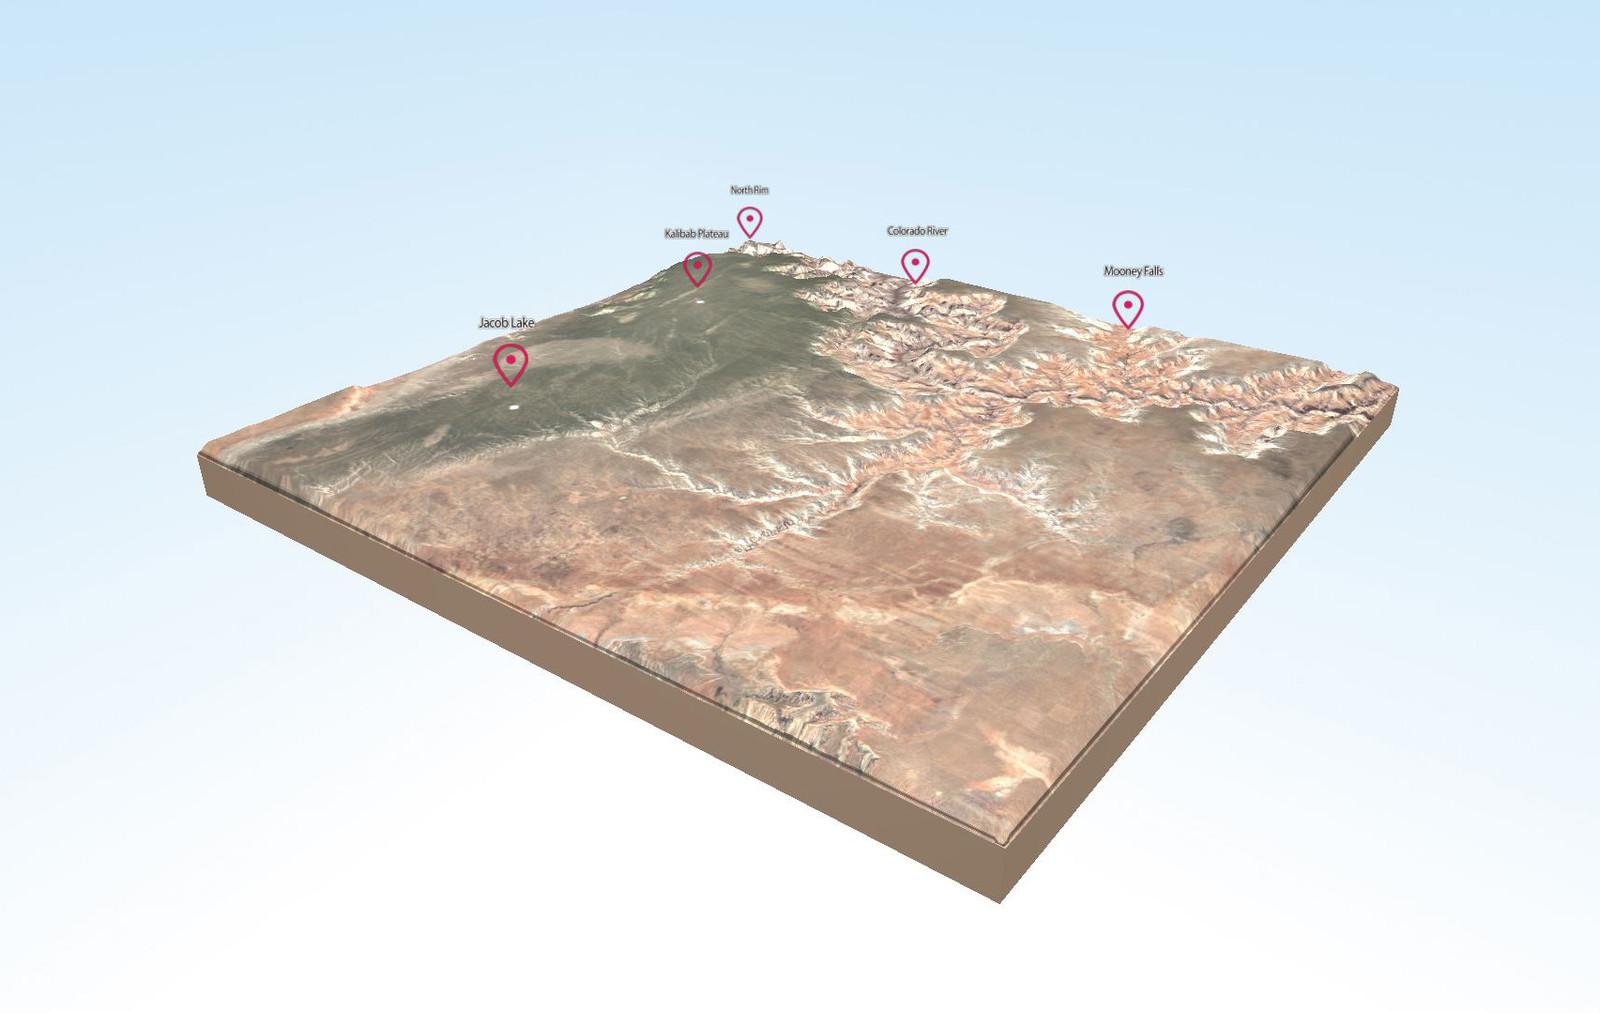 Still of WebGL Map